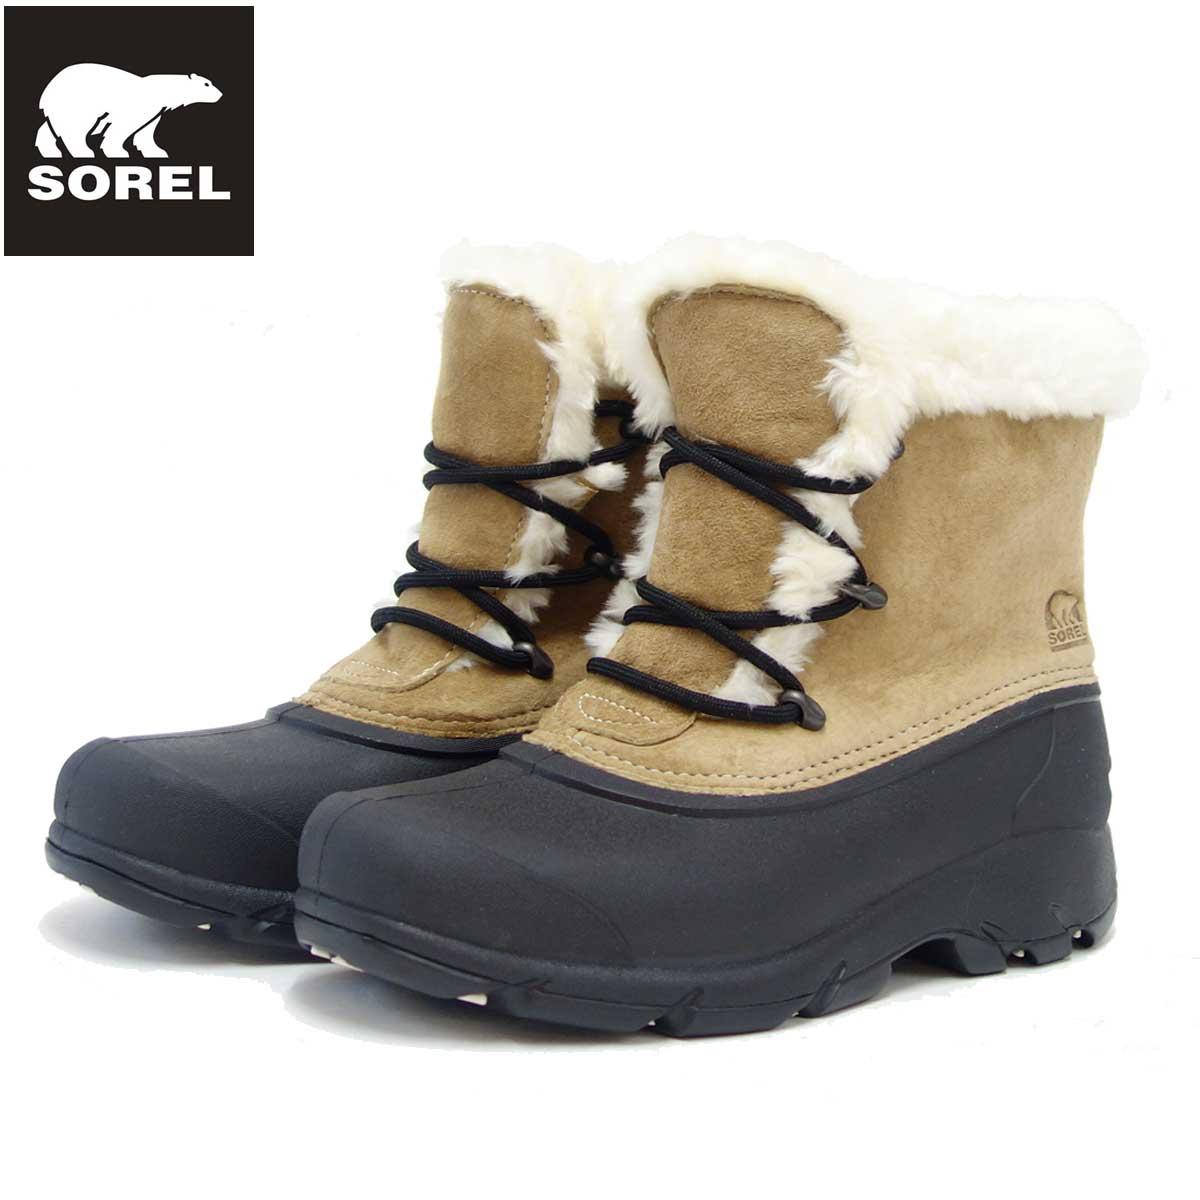 ソレル SOREL NL 1810(レディース) スノーエンジェルレース:Rootbeer (234) 保温性・撥水性抜群の快適ウィンターブーツ 「靴」